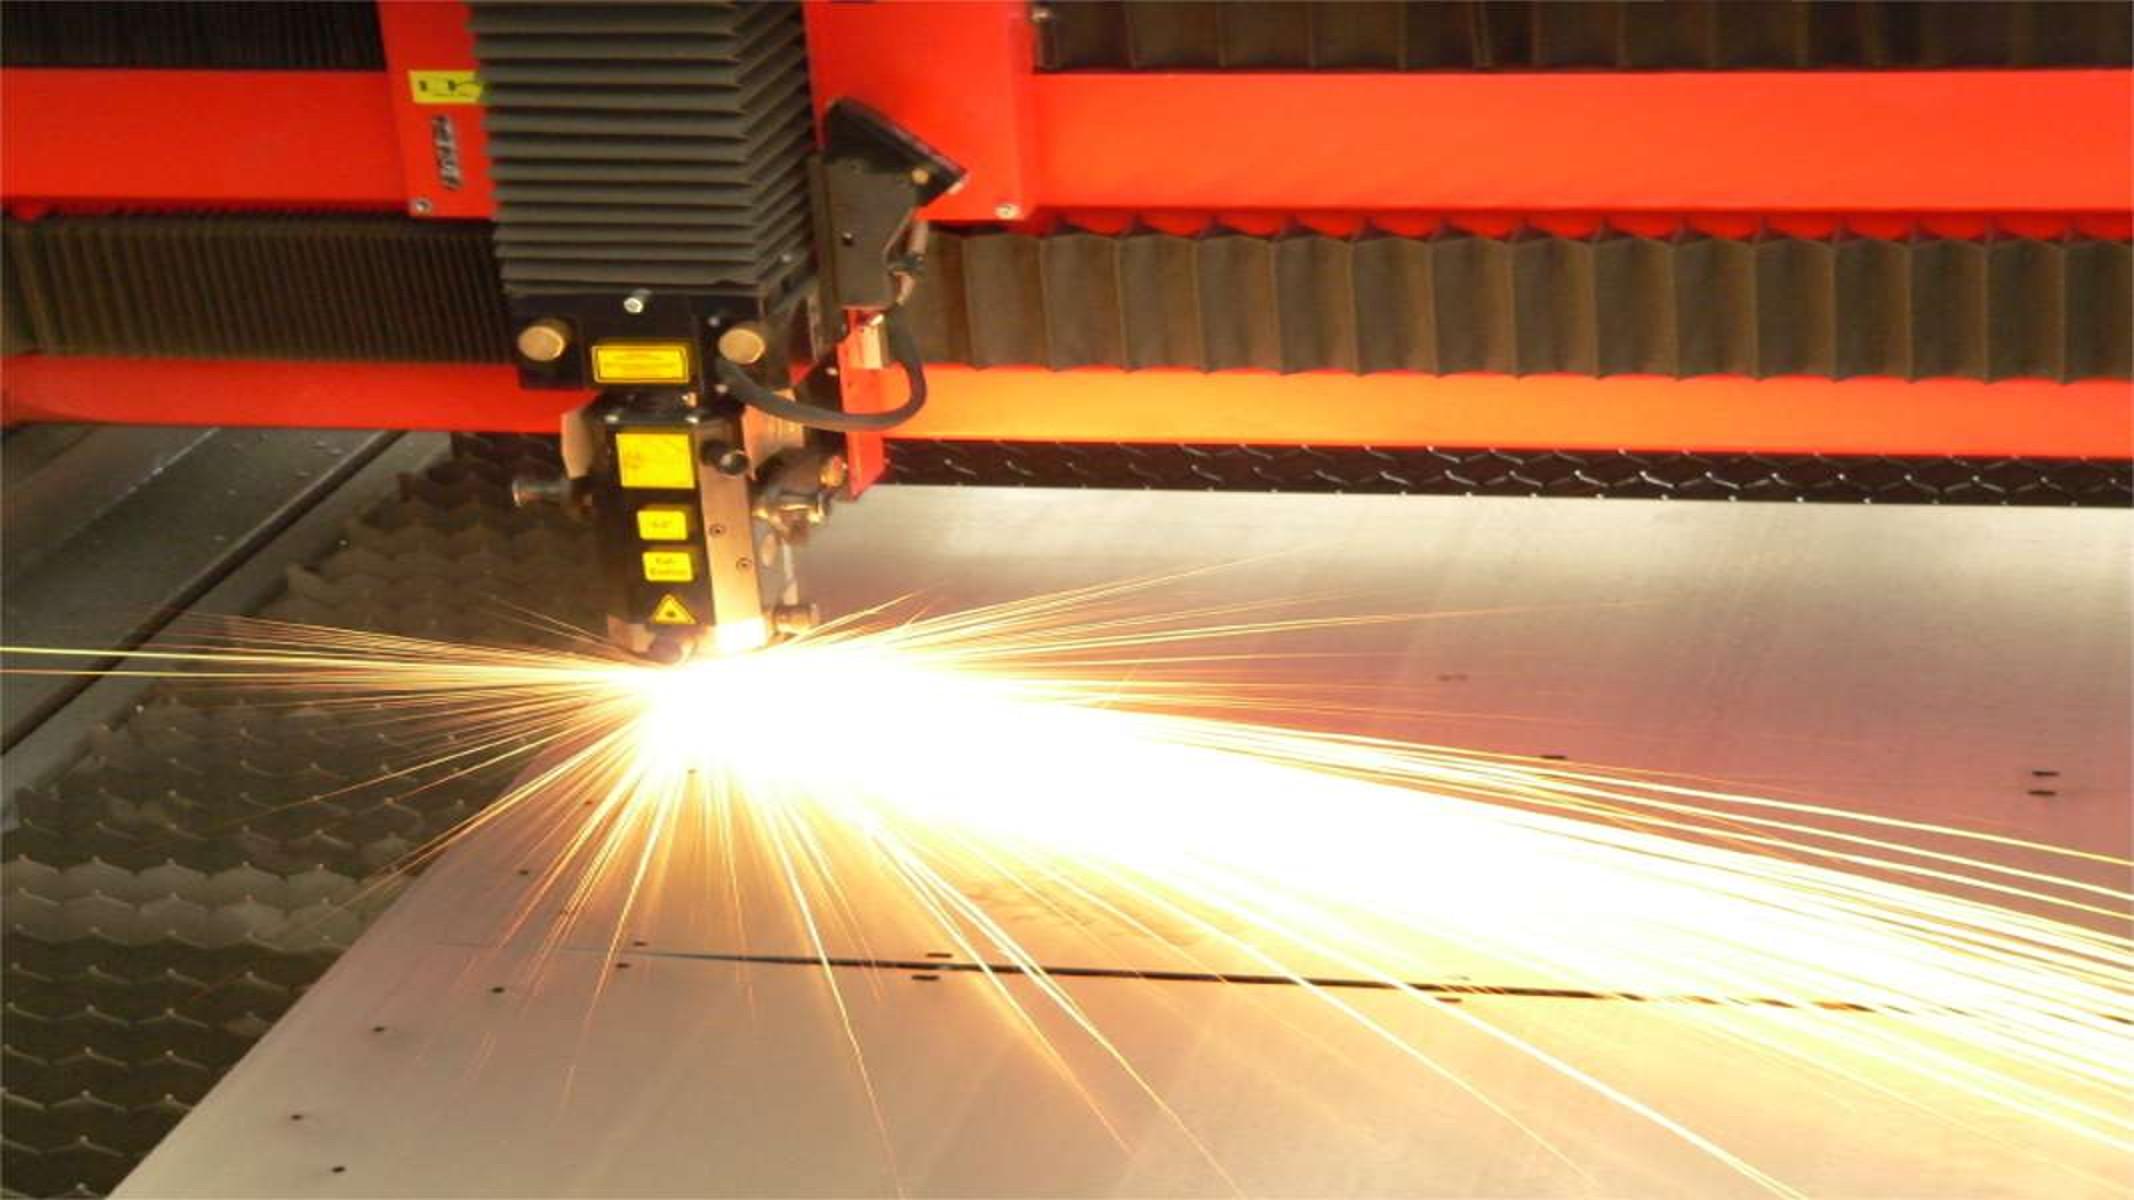 Giải Pháp Tiết Kiệm Đẹp Mắt & Nhanh Chóng Bằng Công Nghệ Cắt Laser Cửa Kim Loại